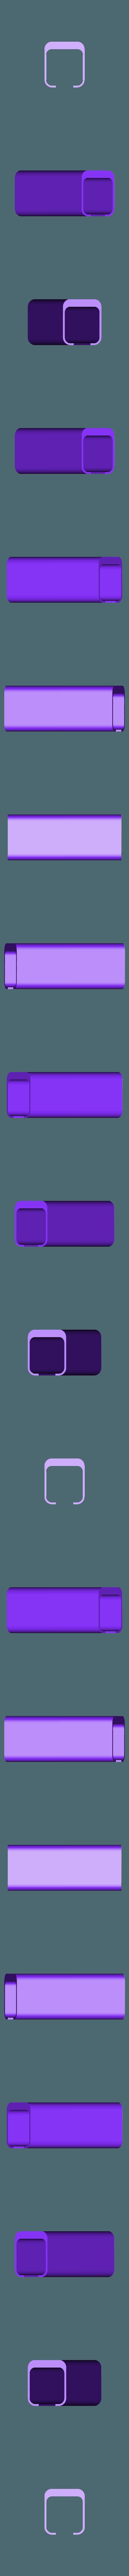 Magnetic_Tool_Holder_v1-0_4x.STL Télécharger fichier STL gratuit Porte-outil magnétique RigidBot • Objet à imprimer en 3D, WalterHsiao